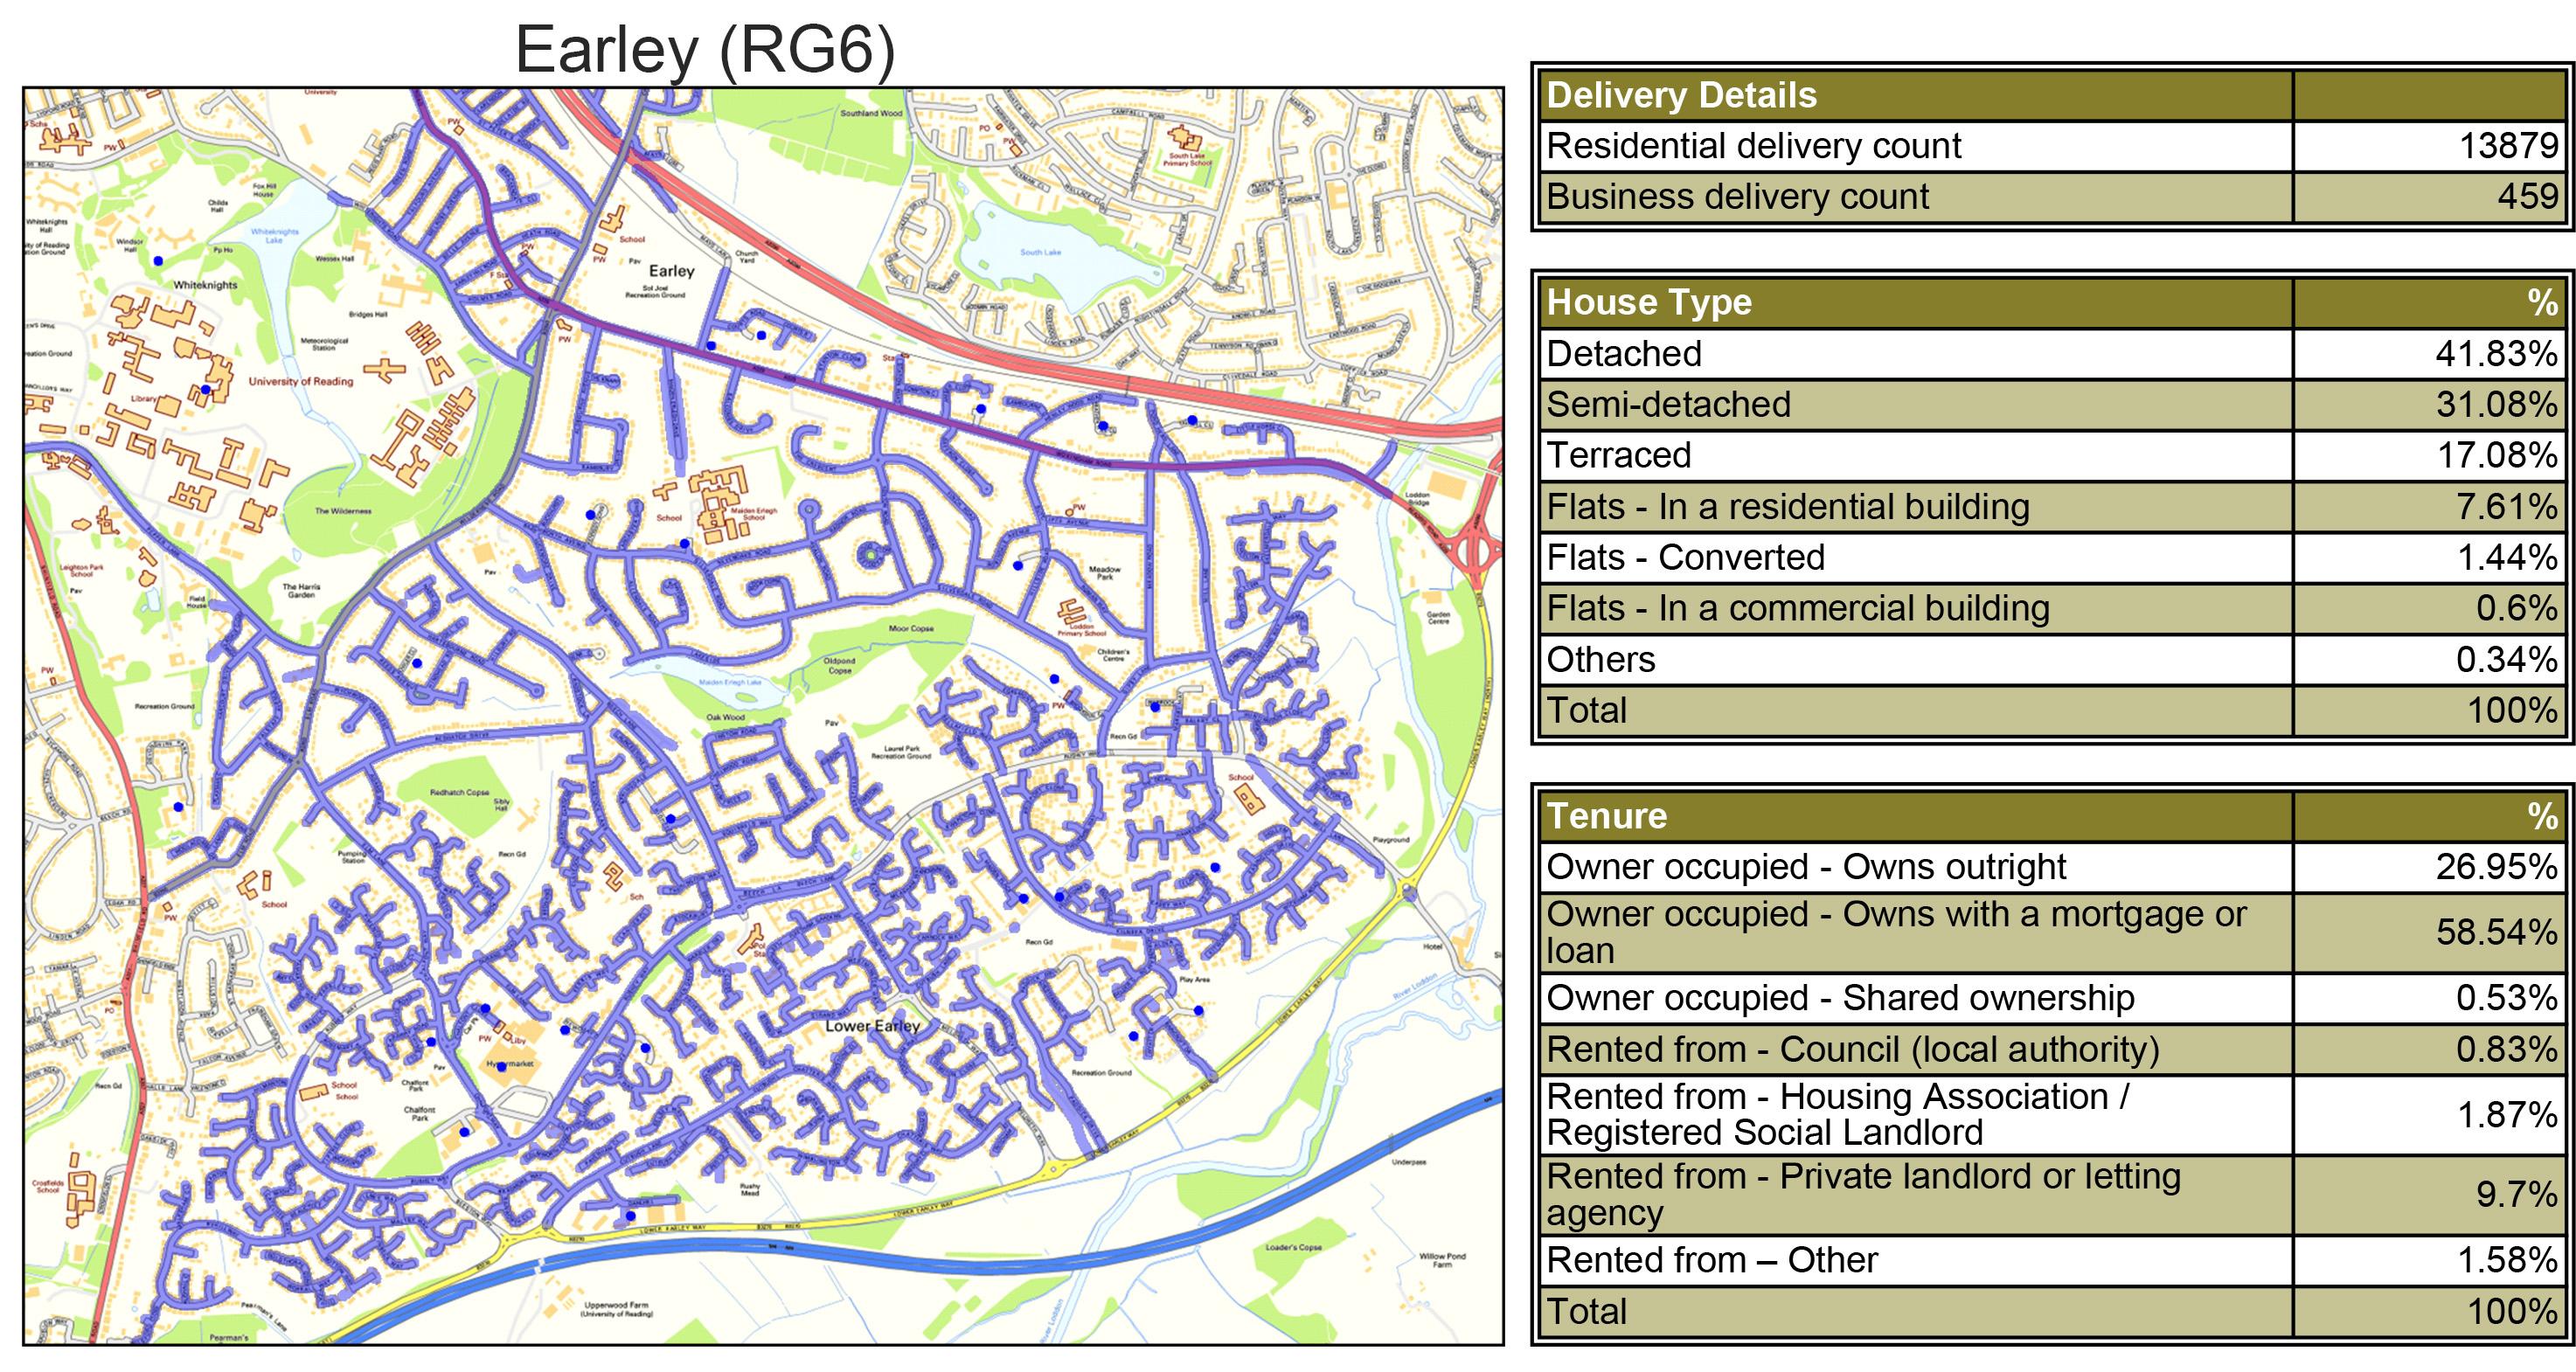 Leaflet Distribution Earley - Geoplan Image